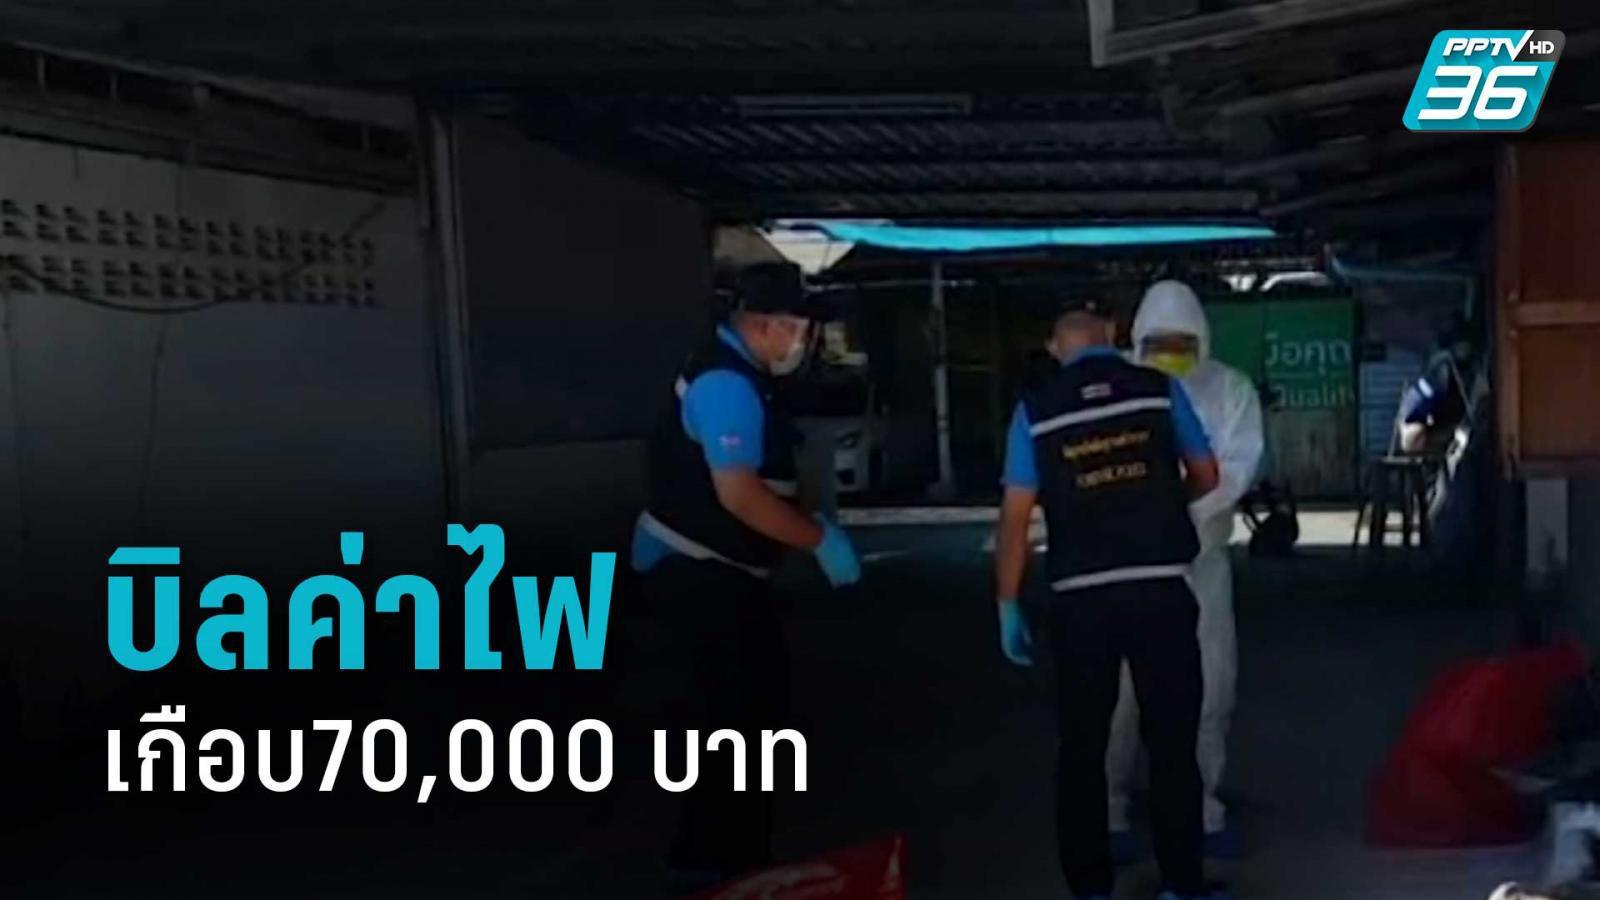 บุกตรวจโกดังระยองพบทางลับ-บิลค่าไฟเกือบ70,000 บาท